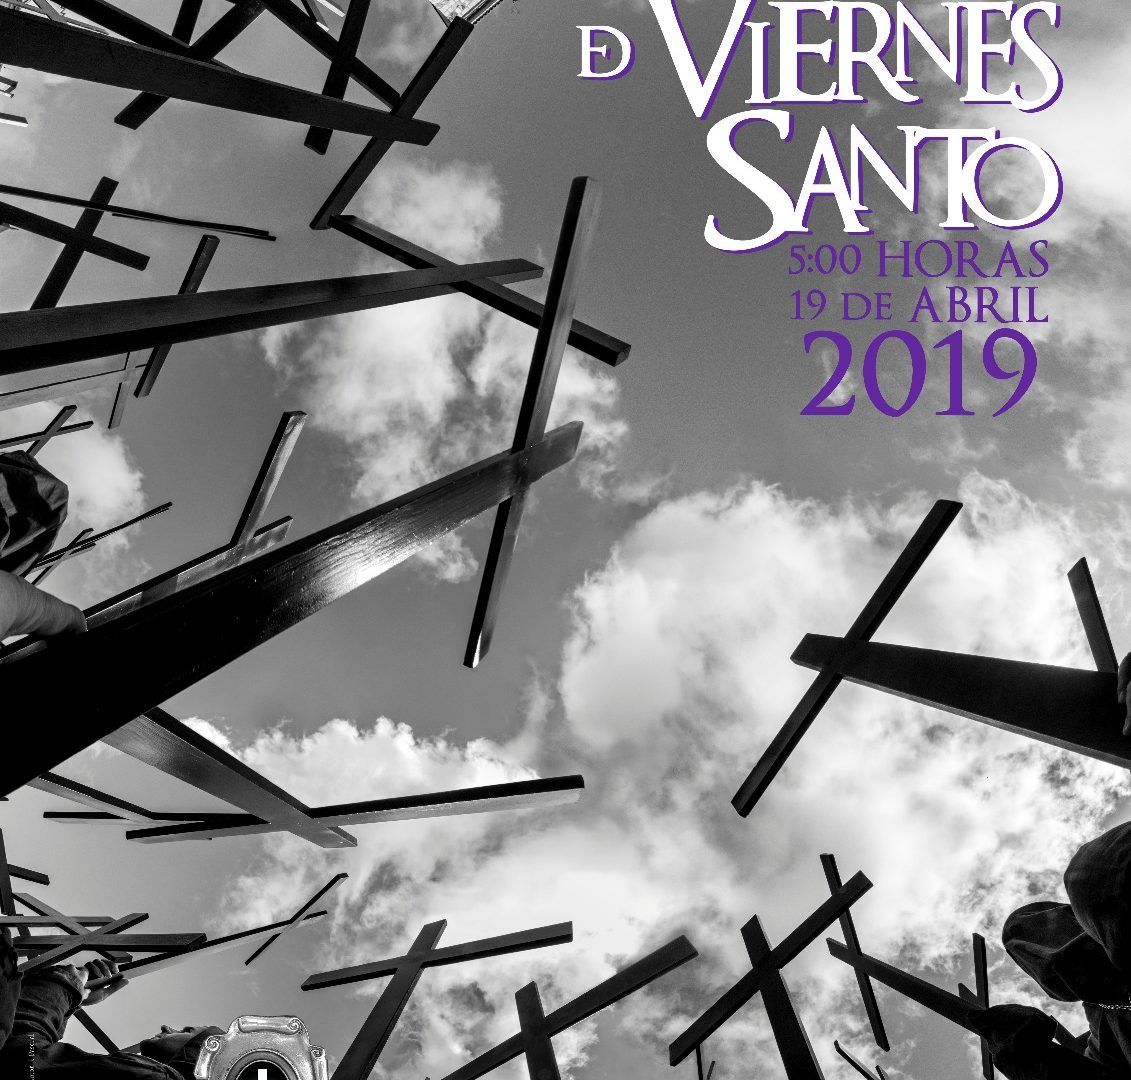 Fallo V Concurso para el cartel de La Madrugada del Viernes Santo 2019